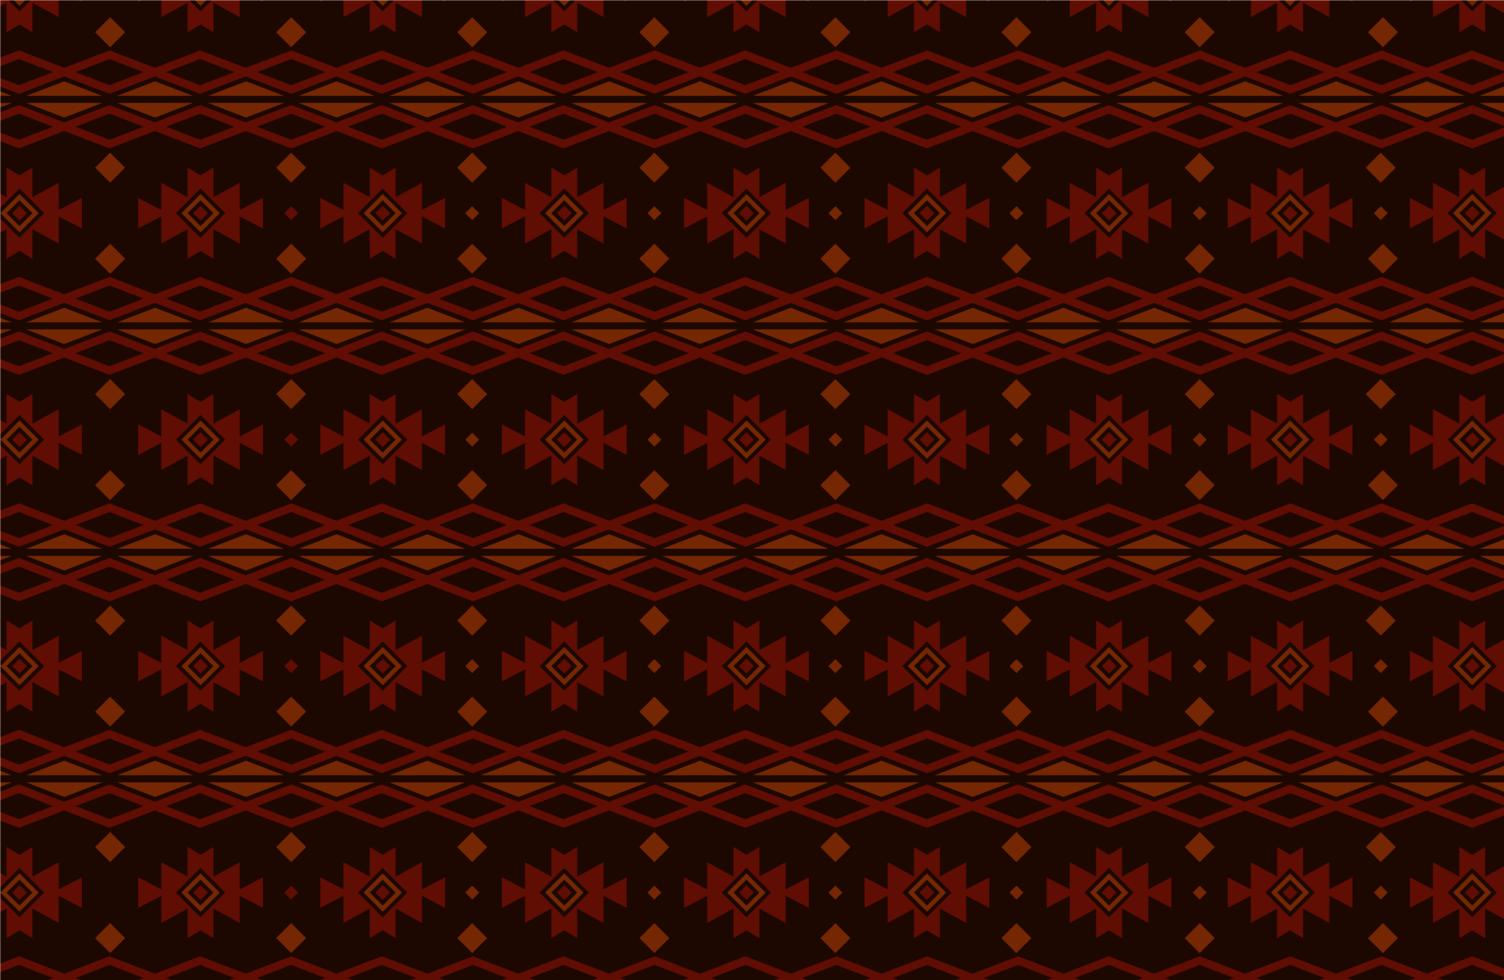 motif tribal ou ethnique rouge et noir vecteur